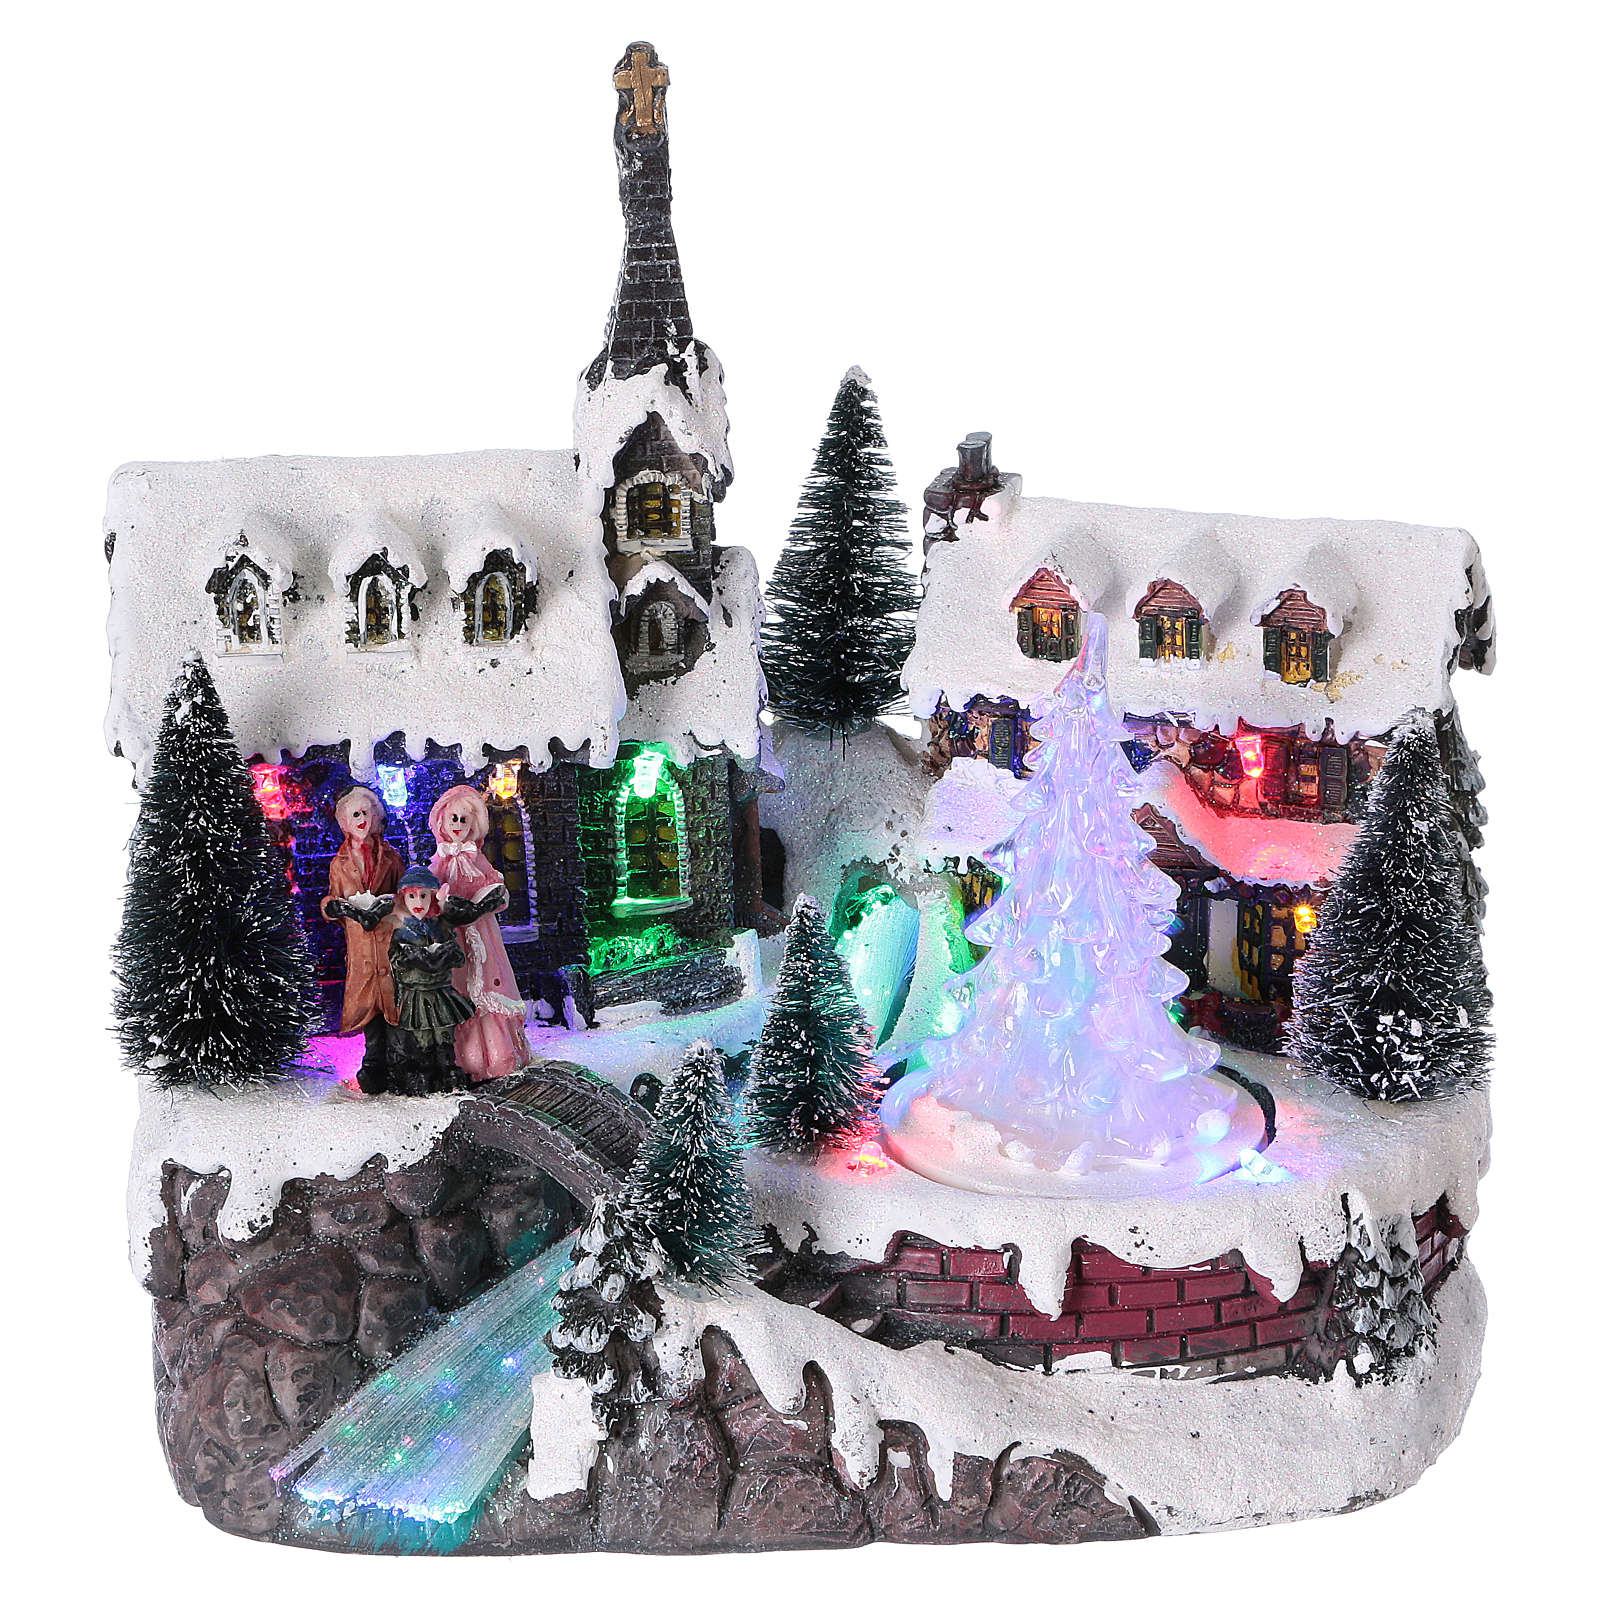 Winterszene gefrorenen Baum 20x20x15cm Licht und Musik 3